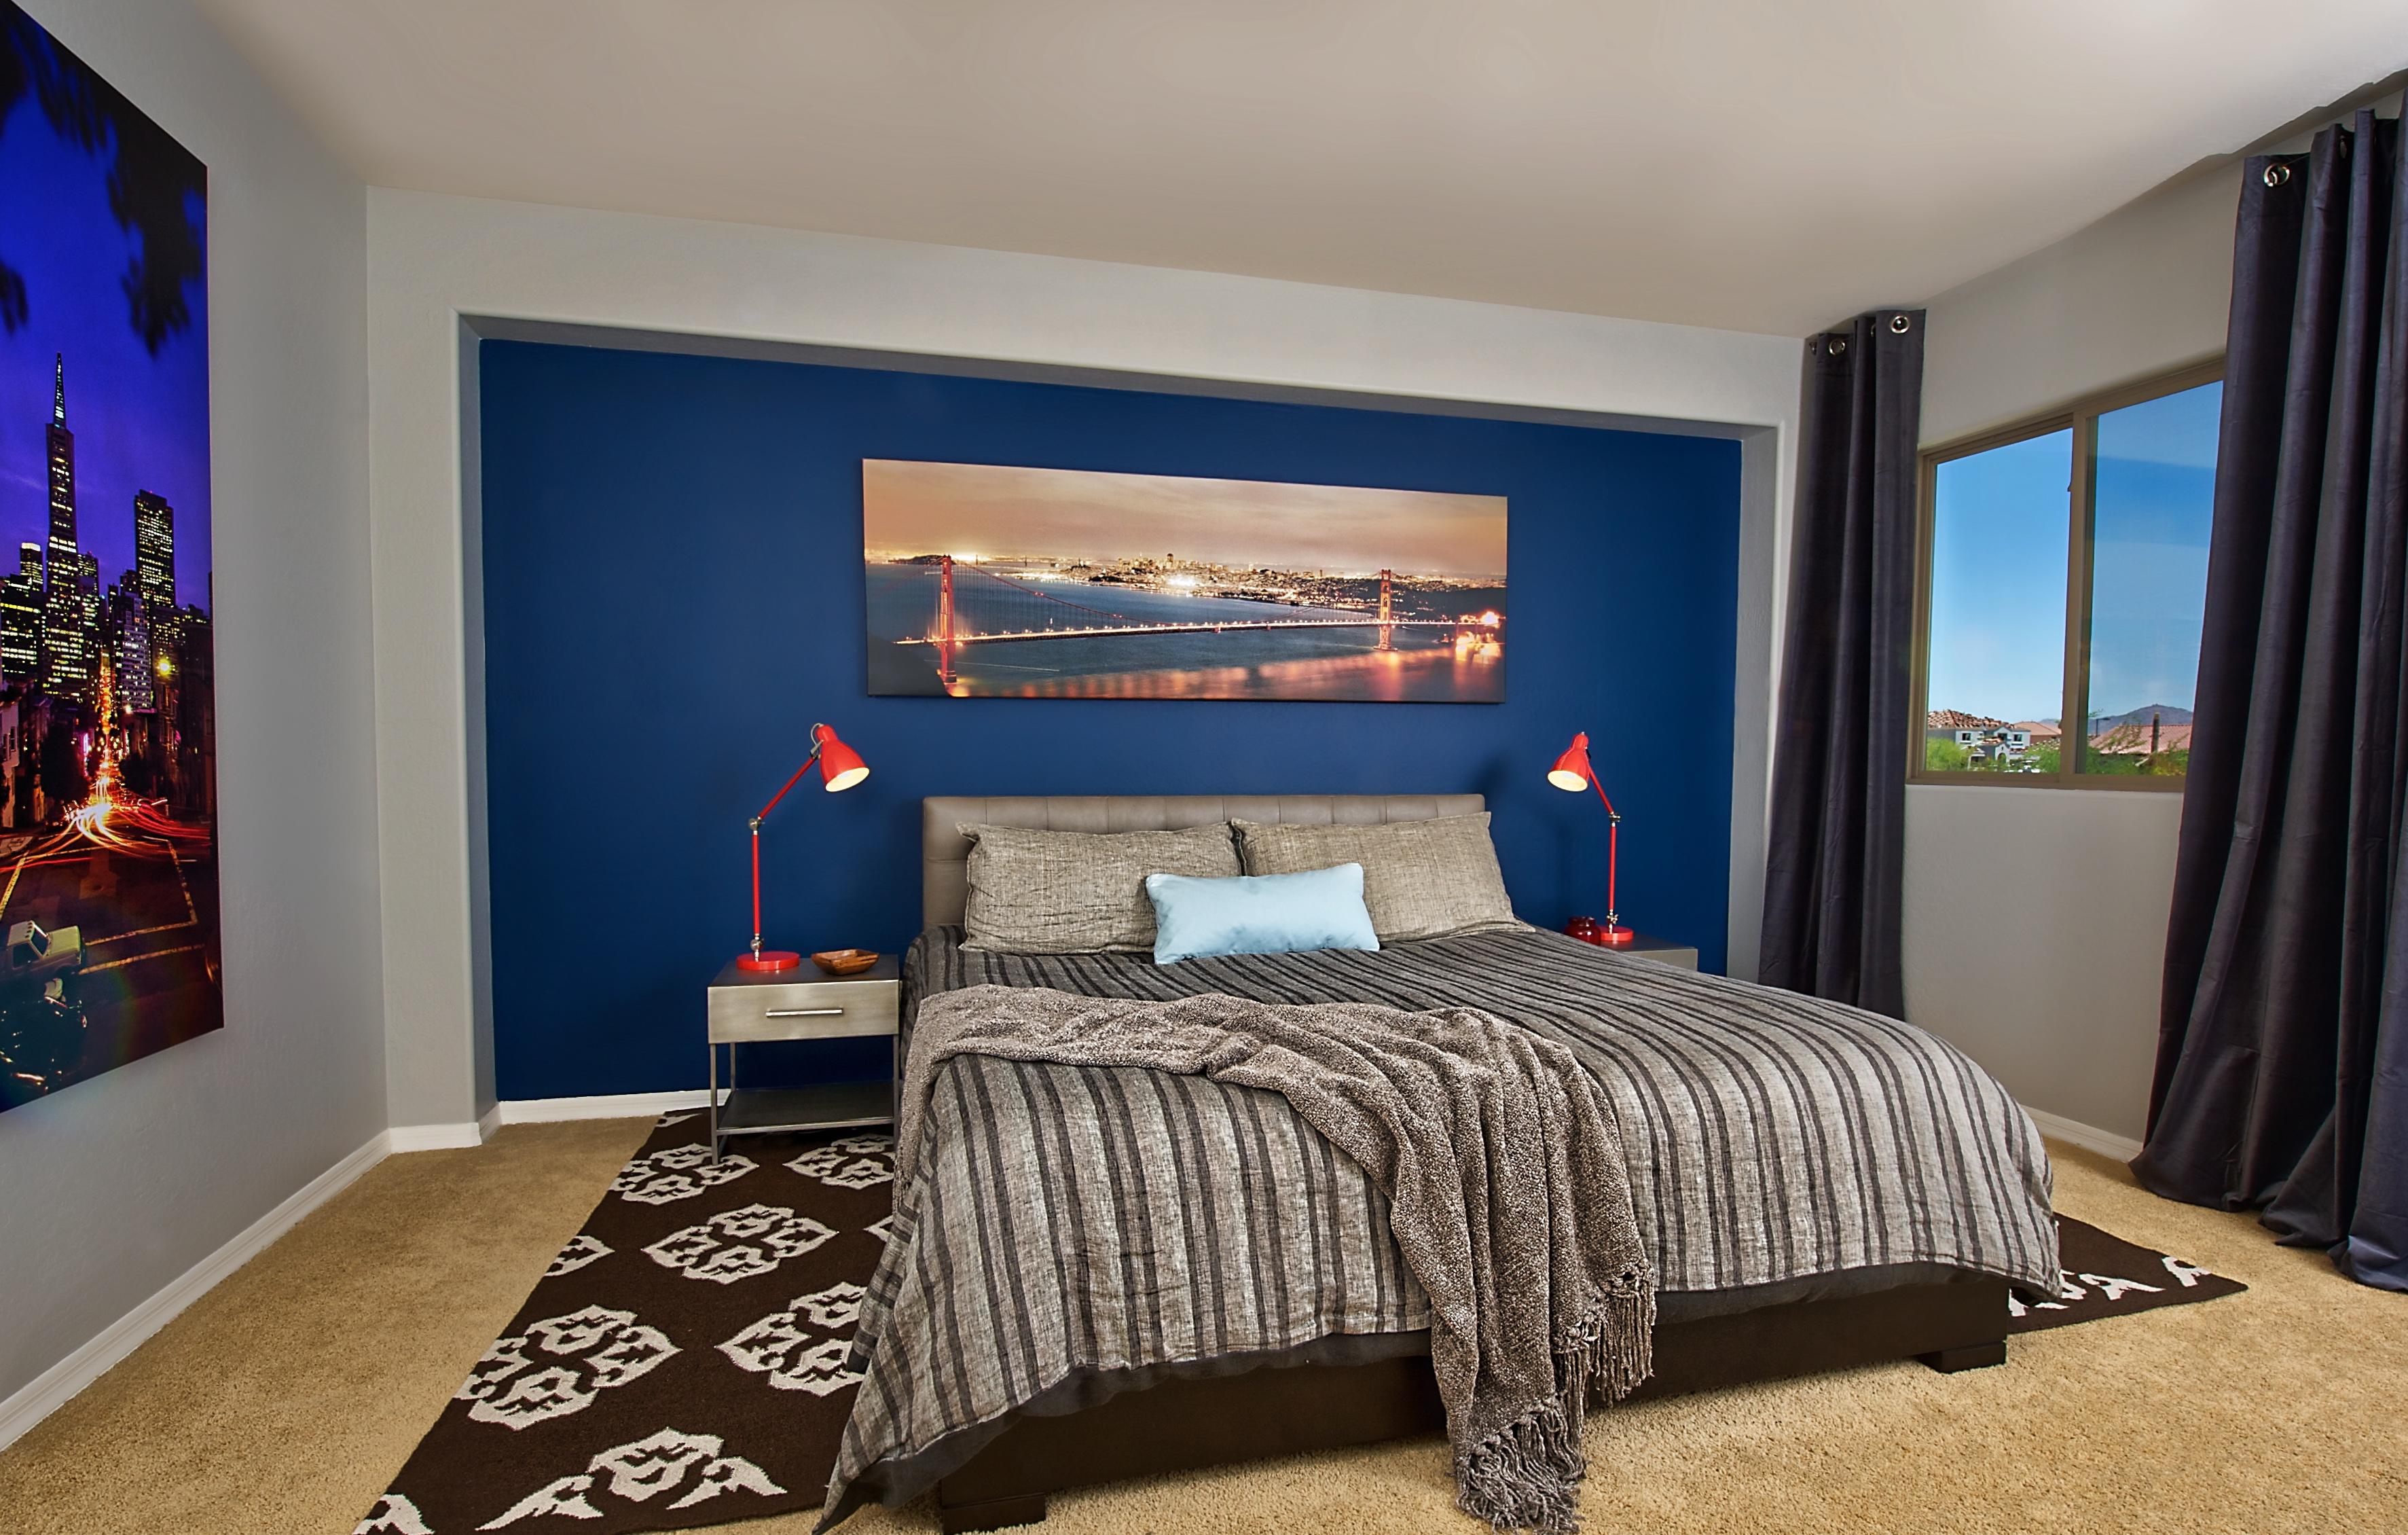 Интерьер комнаты с синими обоями фото